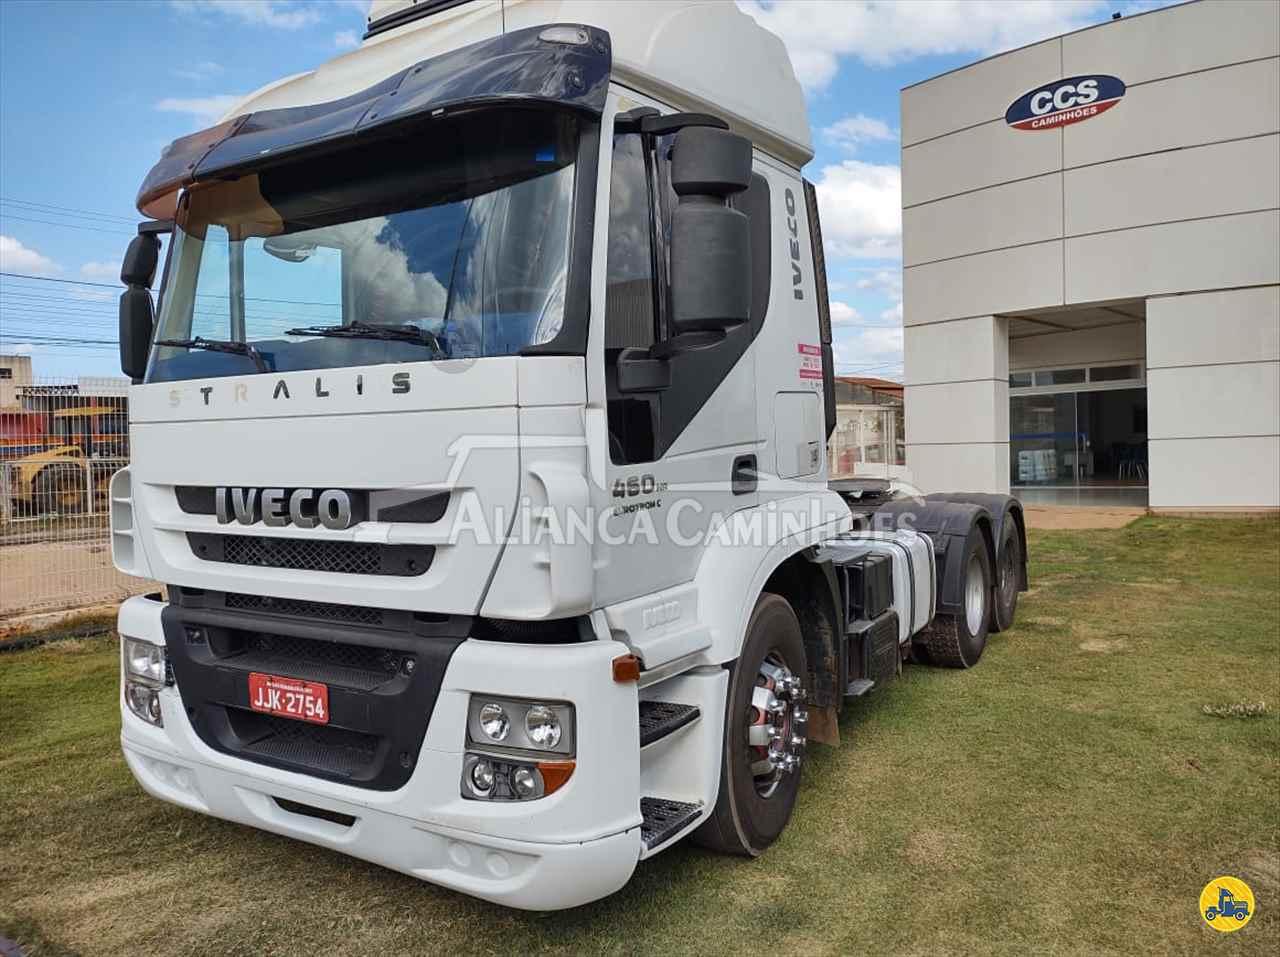 CAMINHAO IVECO STRALIS 460 Cavalo Mecânico Truck 6x2 Aliança Caminhões LUIS EDUARDO MAGALHAES BAHIA BA